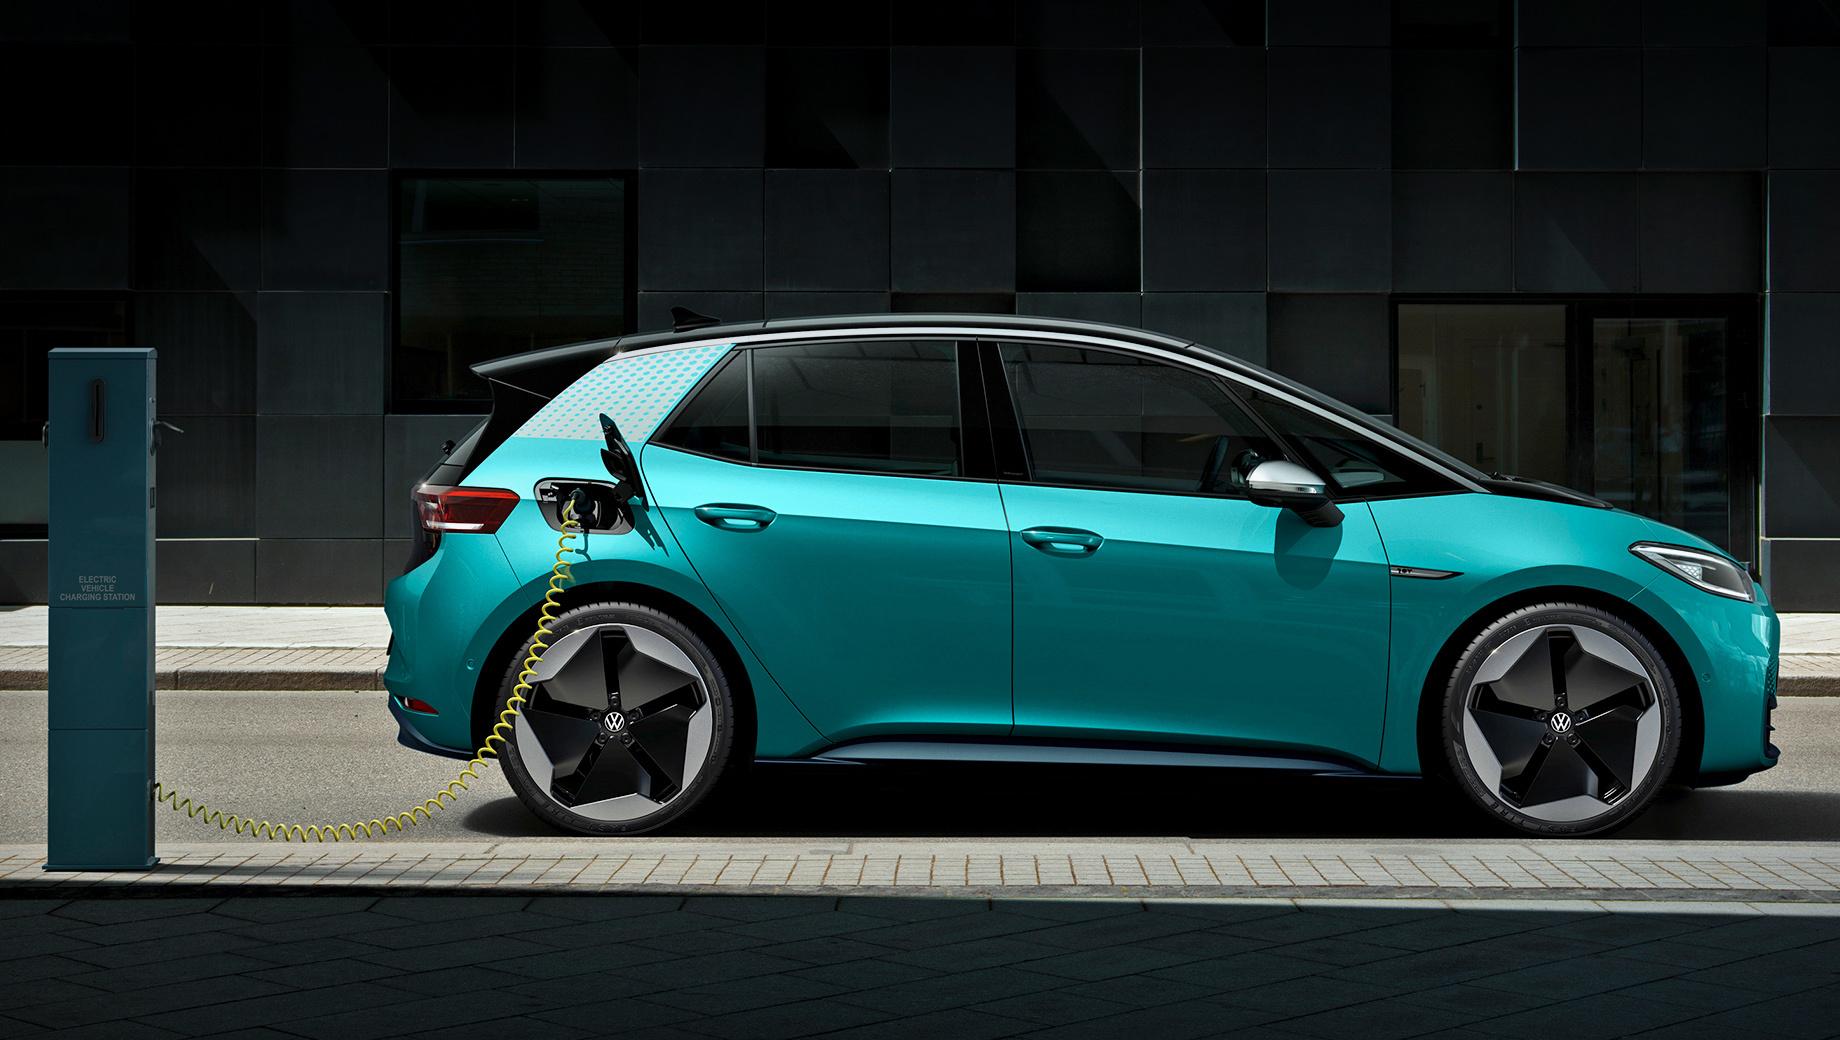 Volkswagen id 3. Издание 1st Edition предусматривает только средний вариант батареи (58 кВт•ч), который обеспечивает запас хода в 420 км. Мощность тоже выбрать нельзя — 150 кВт (204 л.с., 310 Н•м). Зато «в базе» идут двухзонный климат-контроль, навигатор, цифровое радио, подогрев руля и передних кресел.